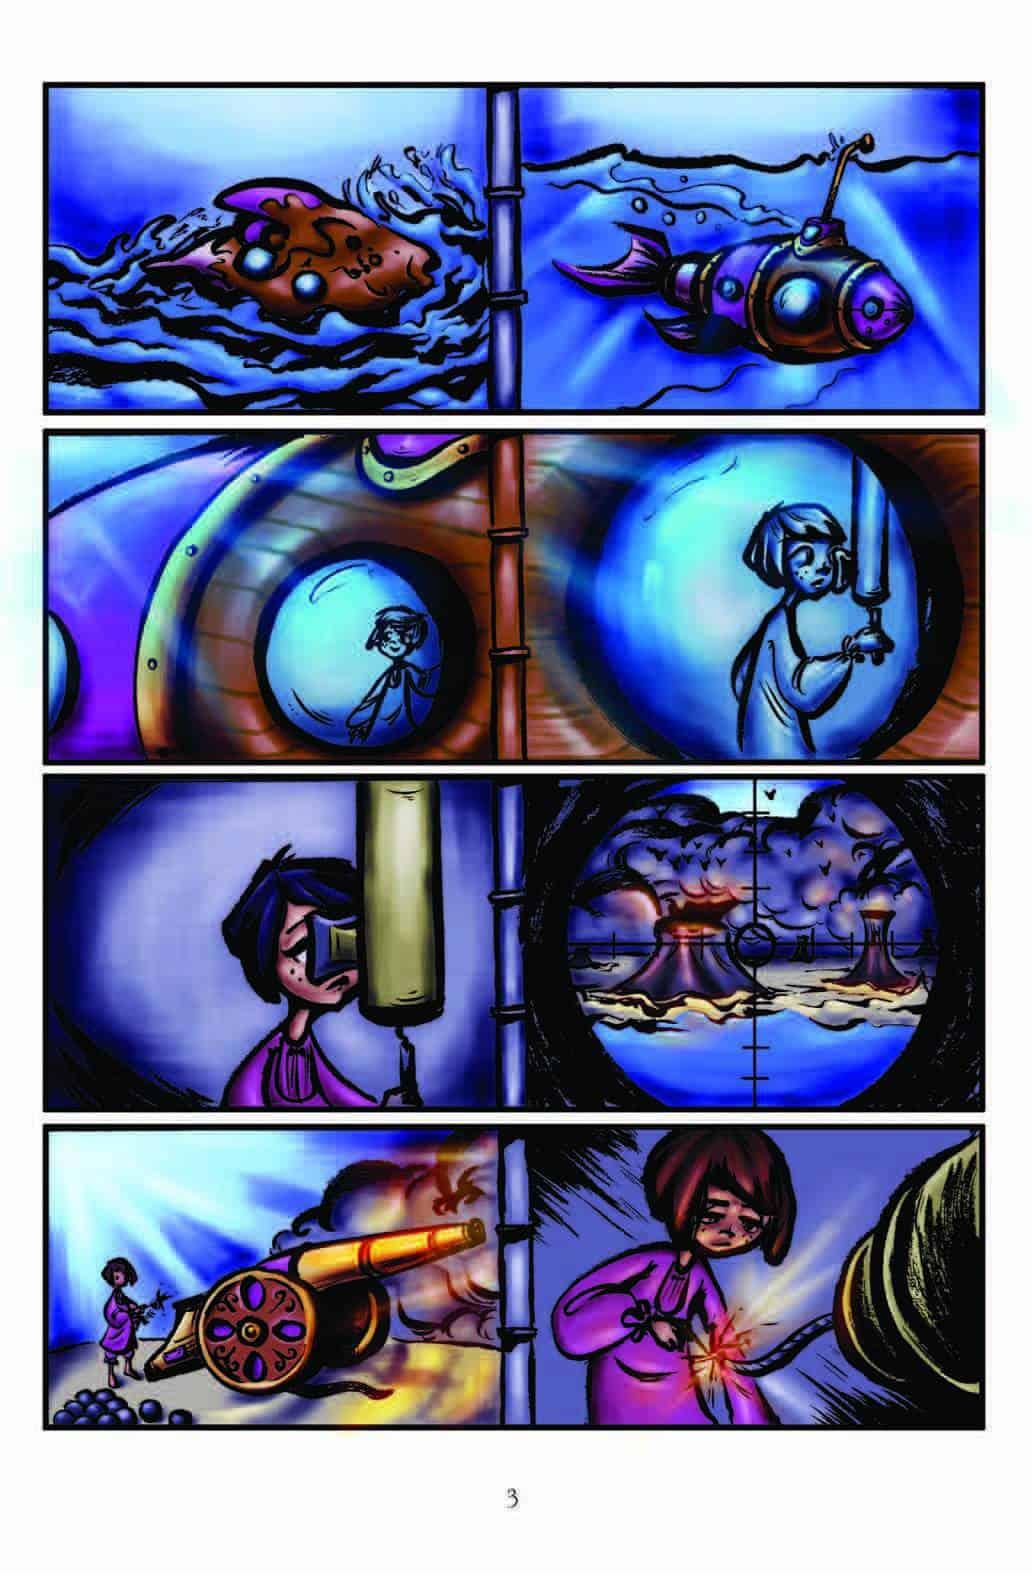 SteamPunk-Originals-Volume-2-image-03